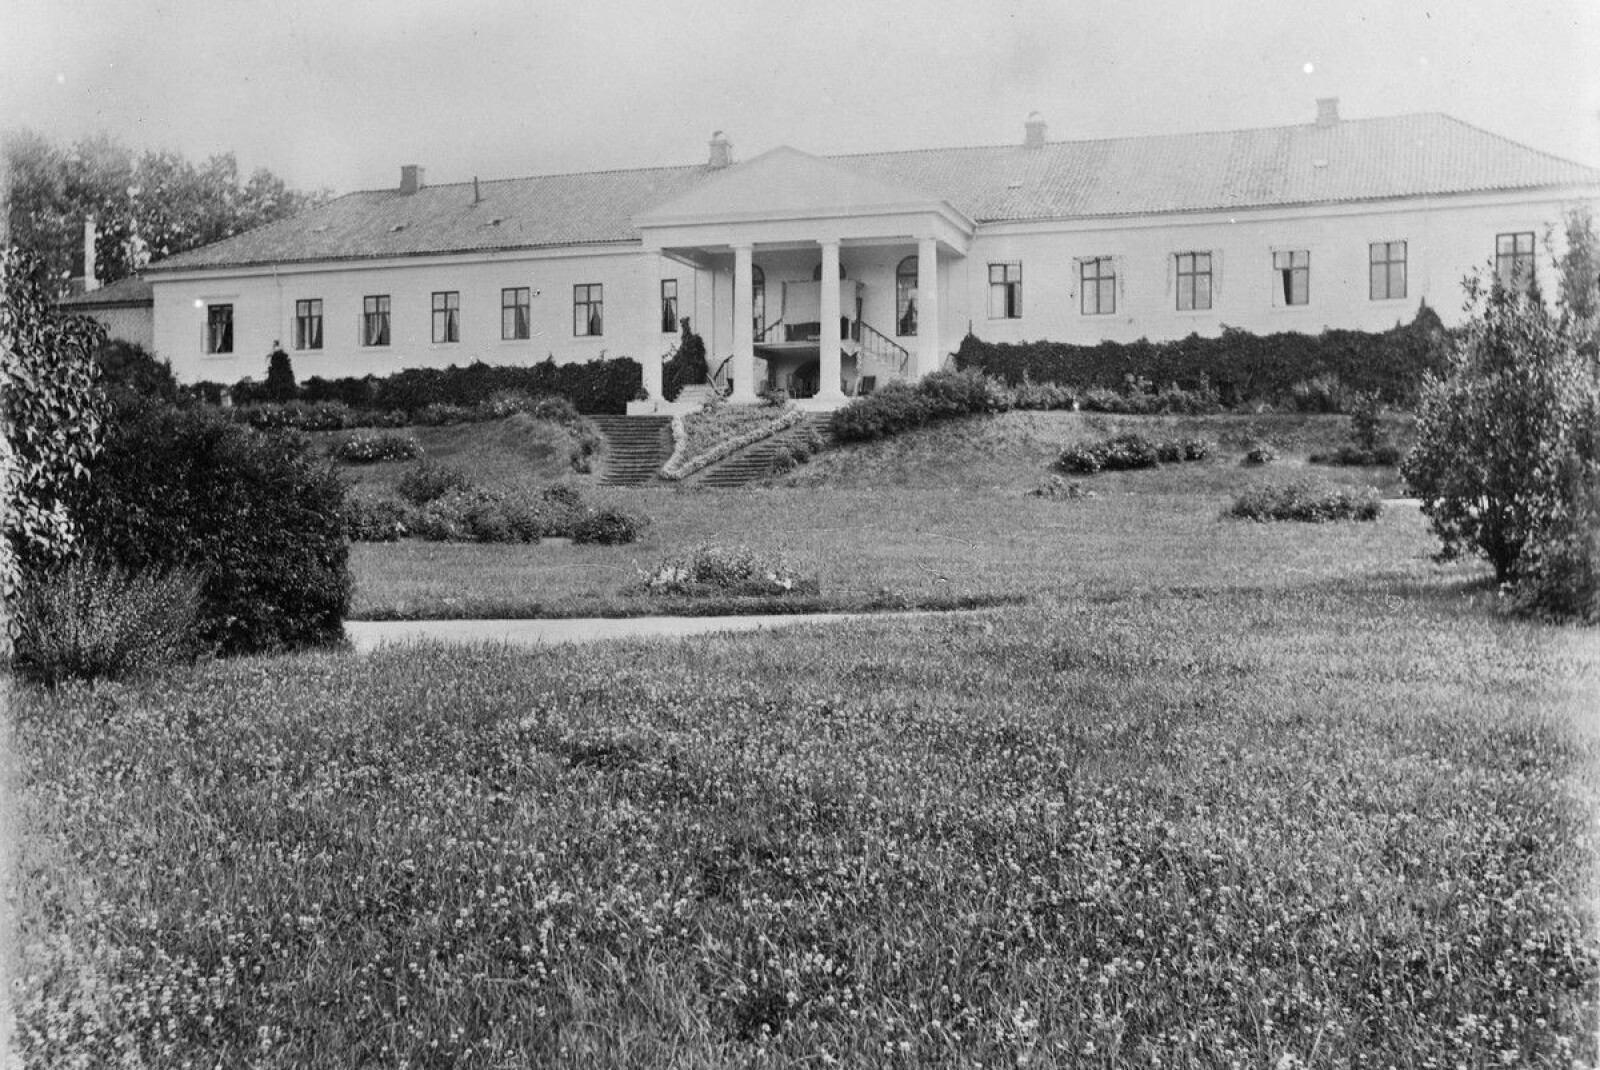 Hovedbygningen på Skinnarbøl med den storslåtte hagen fotografert i 1885 av Marie Magdalena Rustad. Bildet inngår i byhistorisk samling hos Oslo Museum.